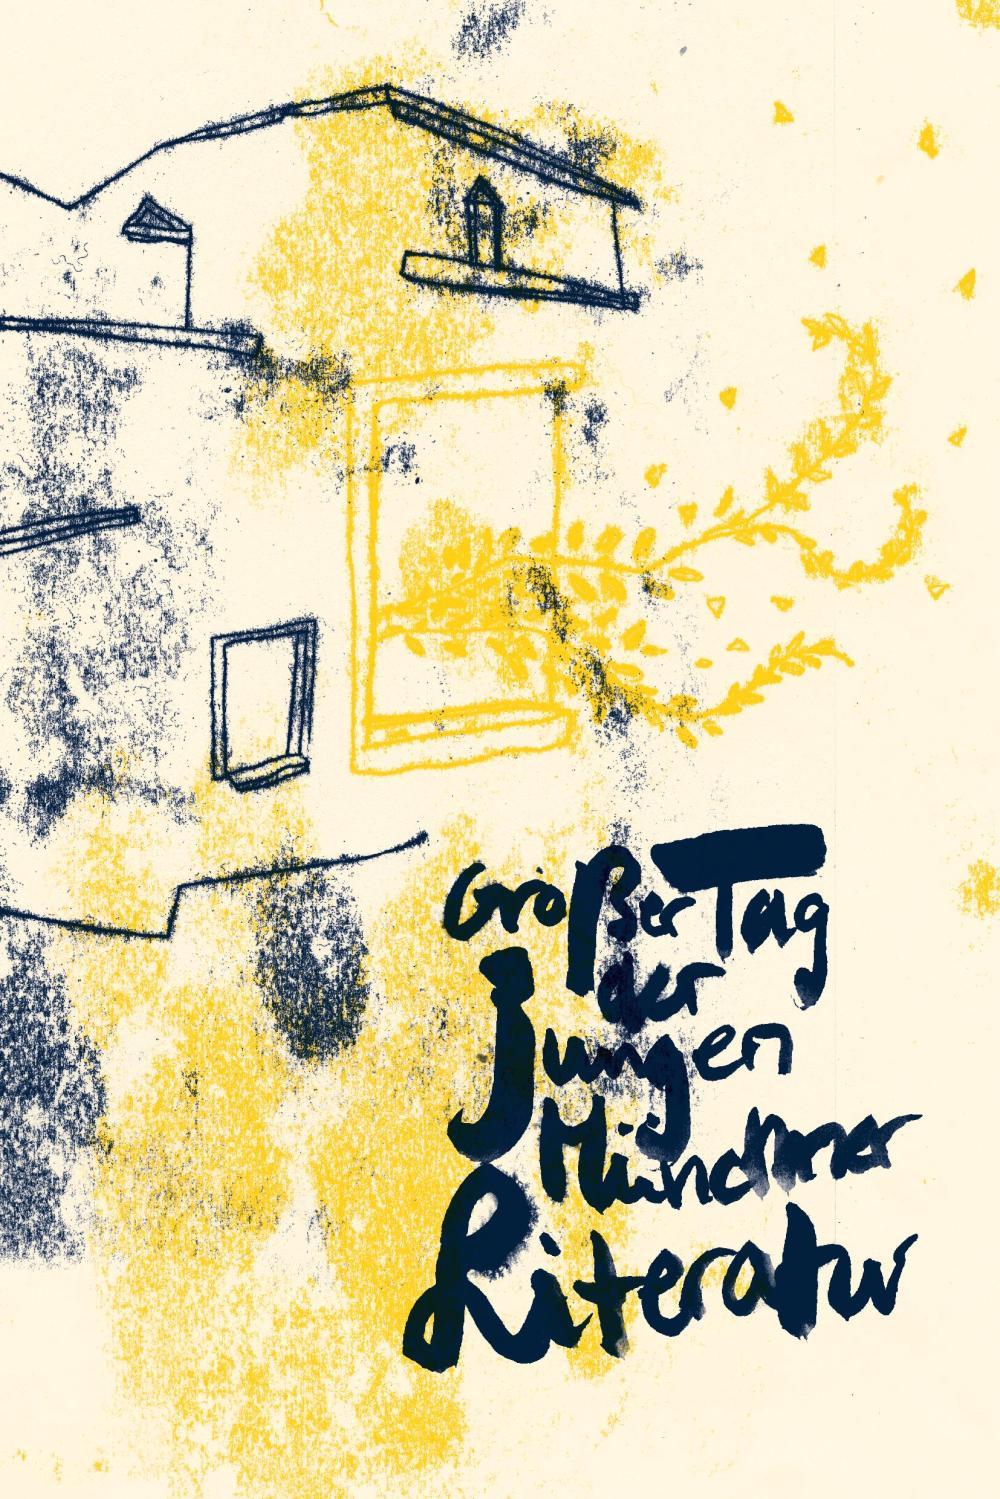 grossertag_entwc3bcrfe-02-page-0021.jpg